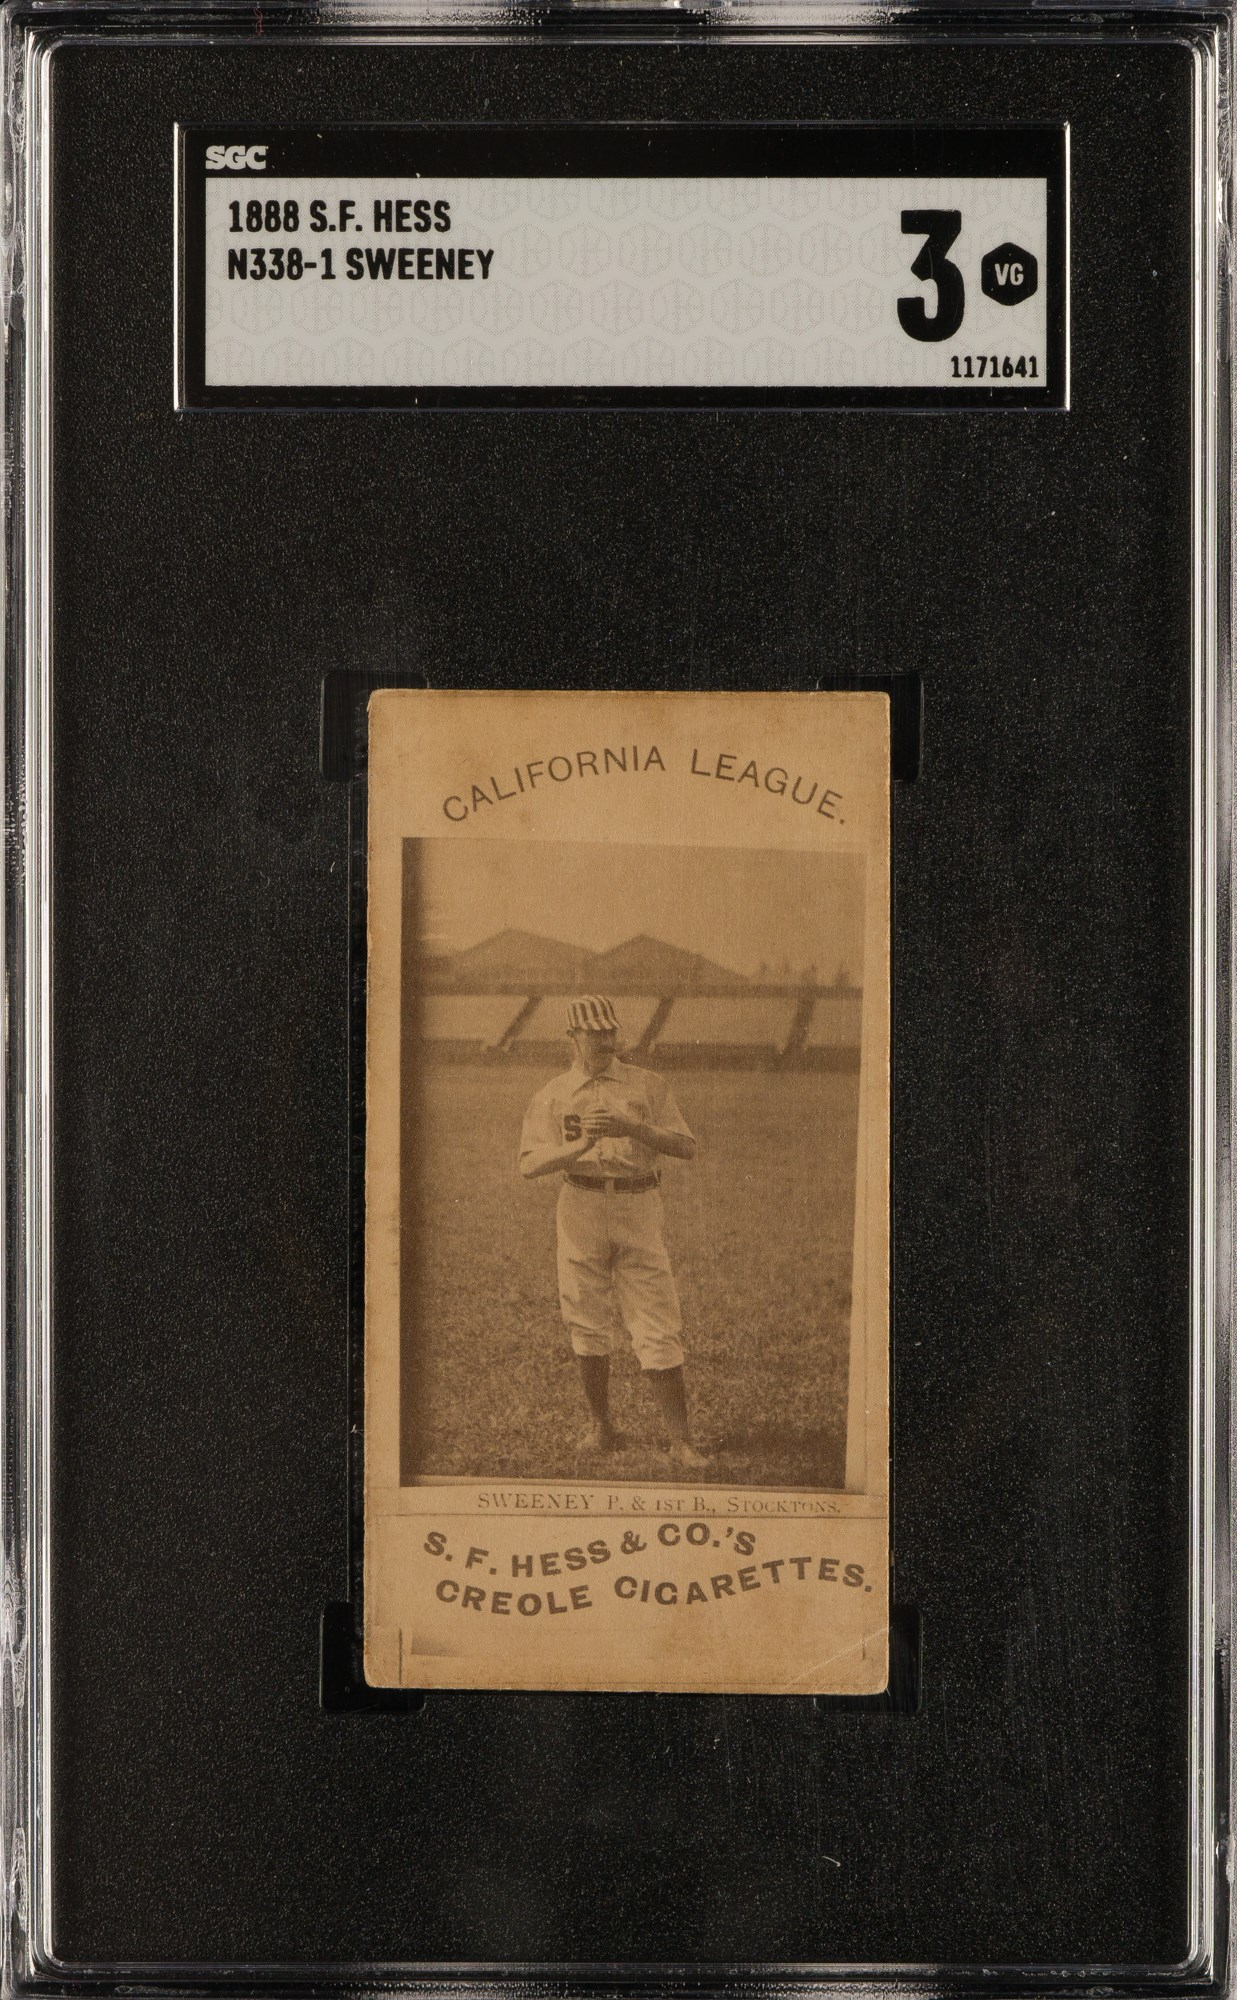 1888 N338-1 S F  Hess California League Charles Sweeney